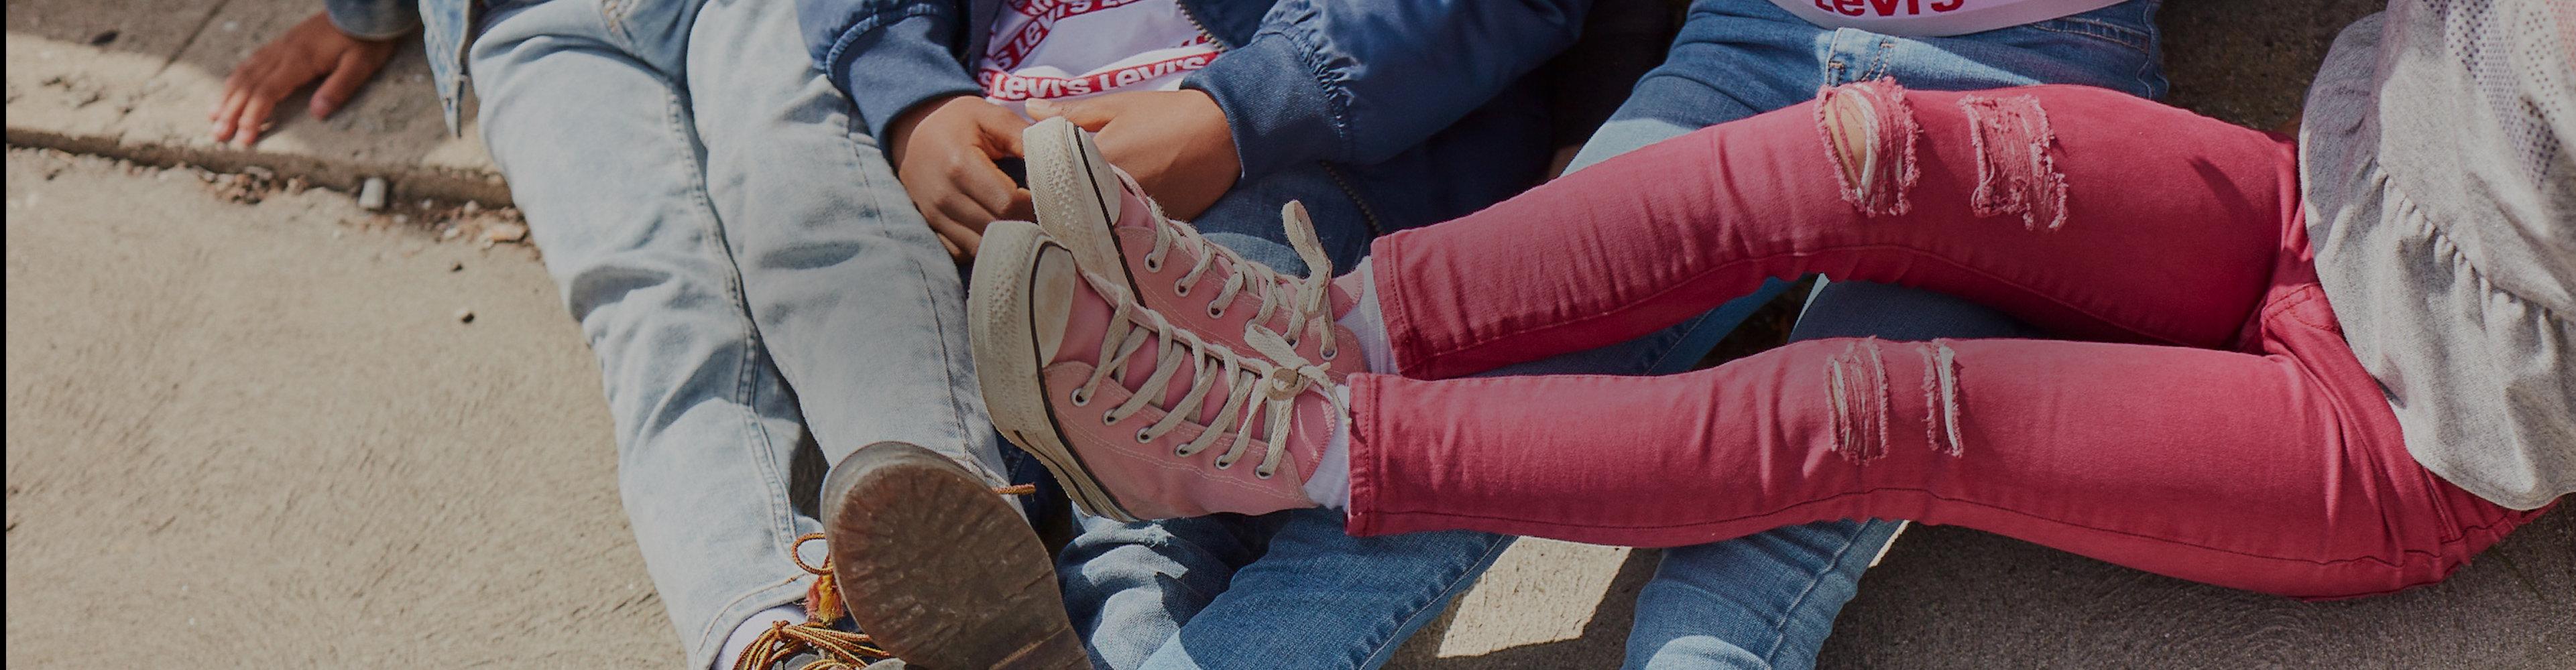 38776b3a698e Kids Clothes - Shop Clothes for Kids   Kids Jeans